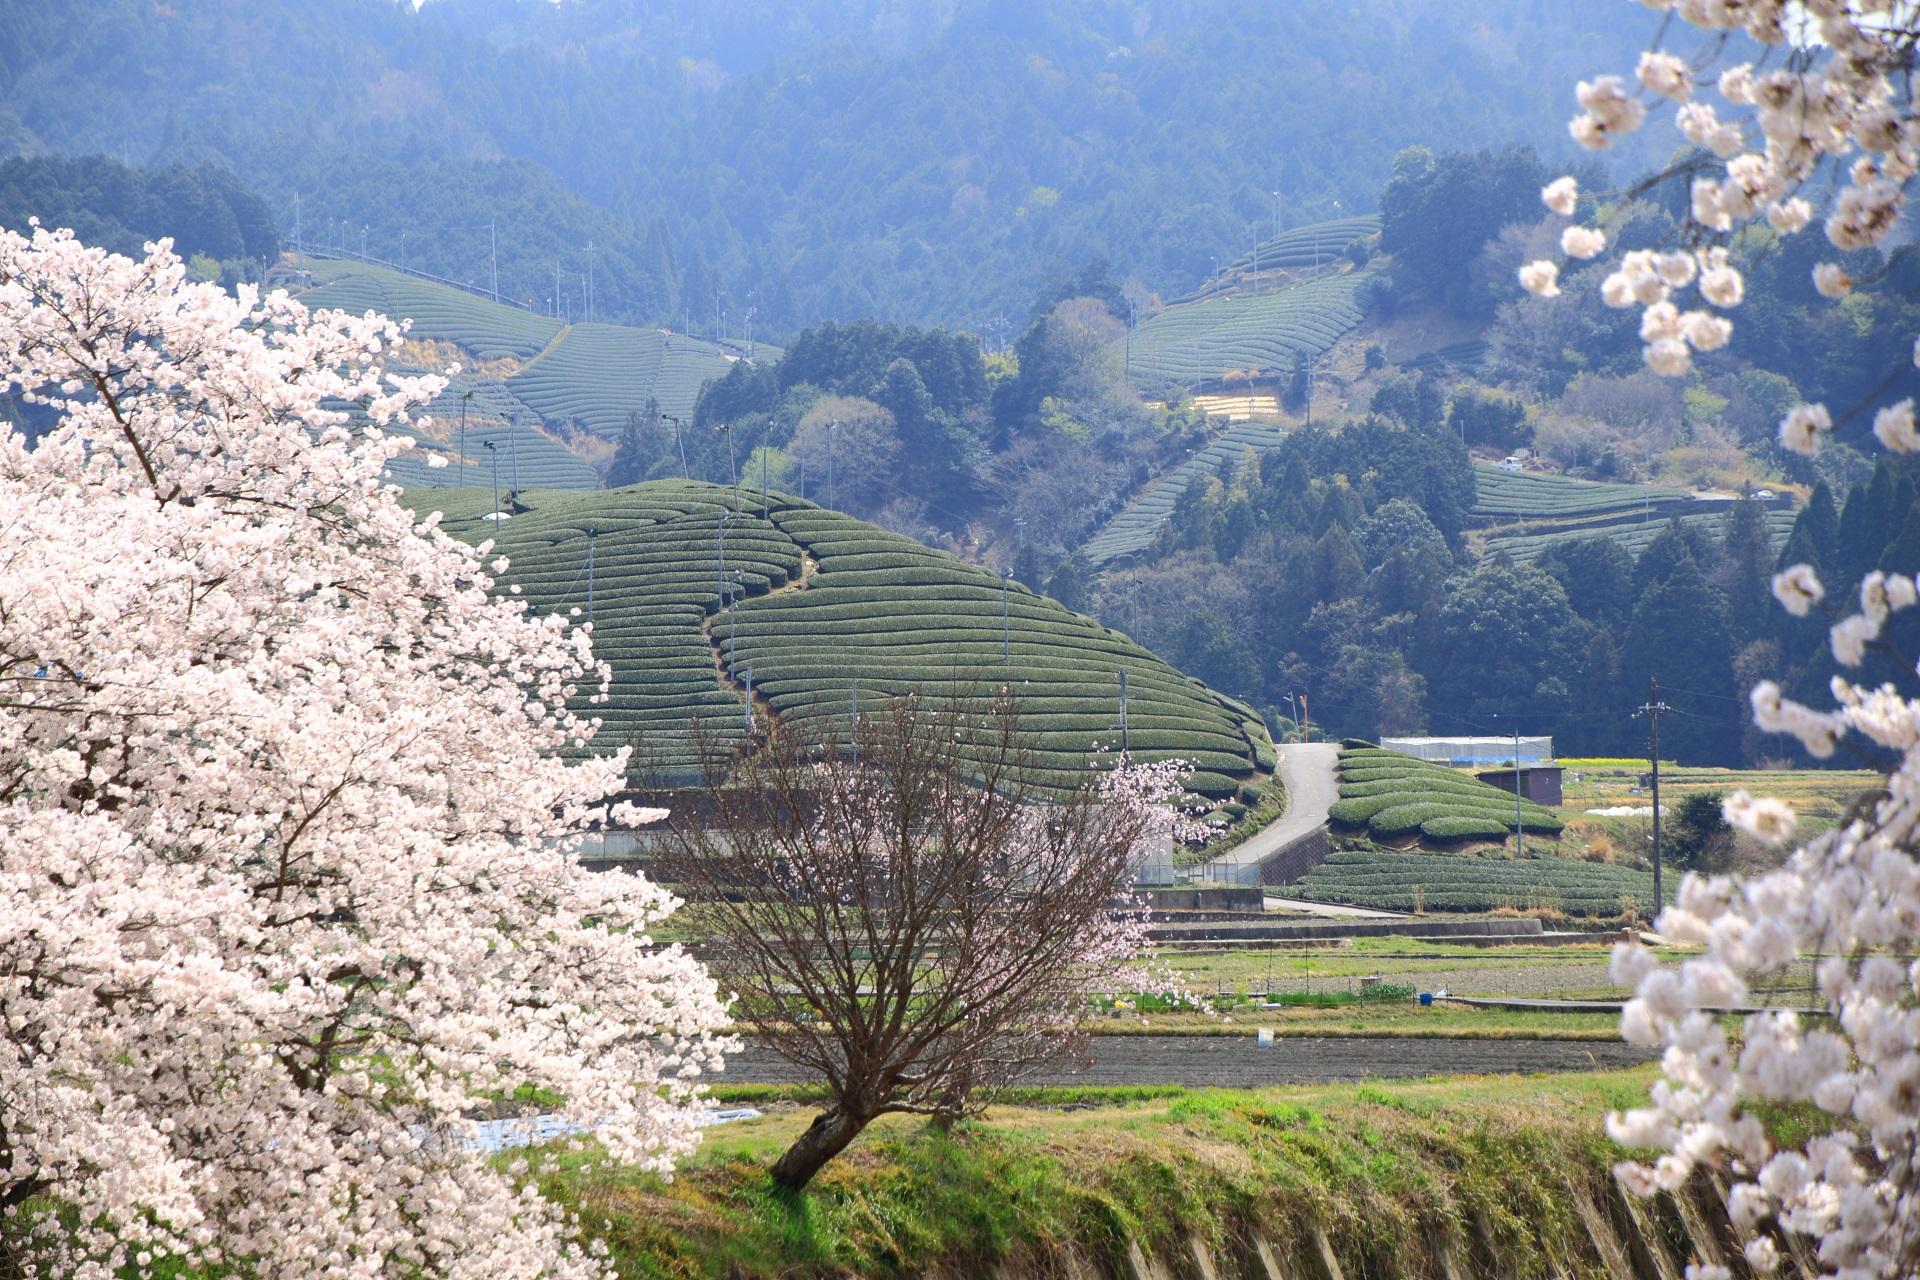 和束町の咲き誇る桜と茶畑